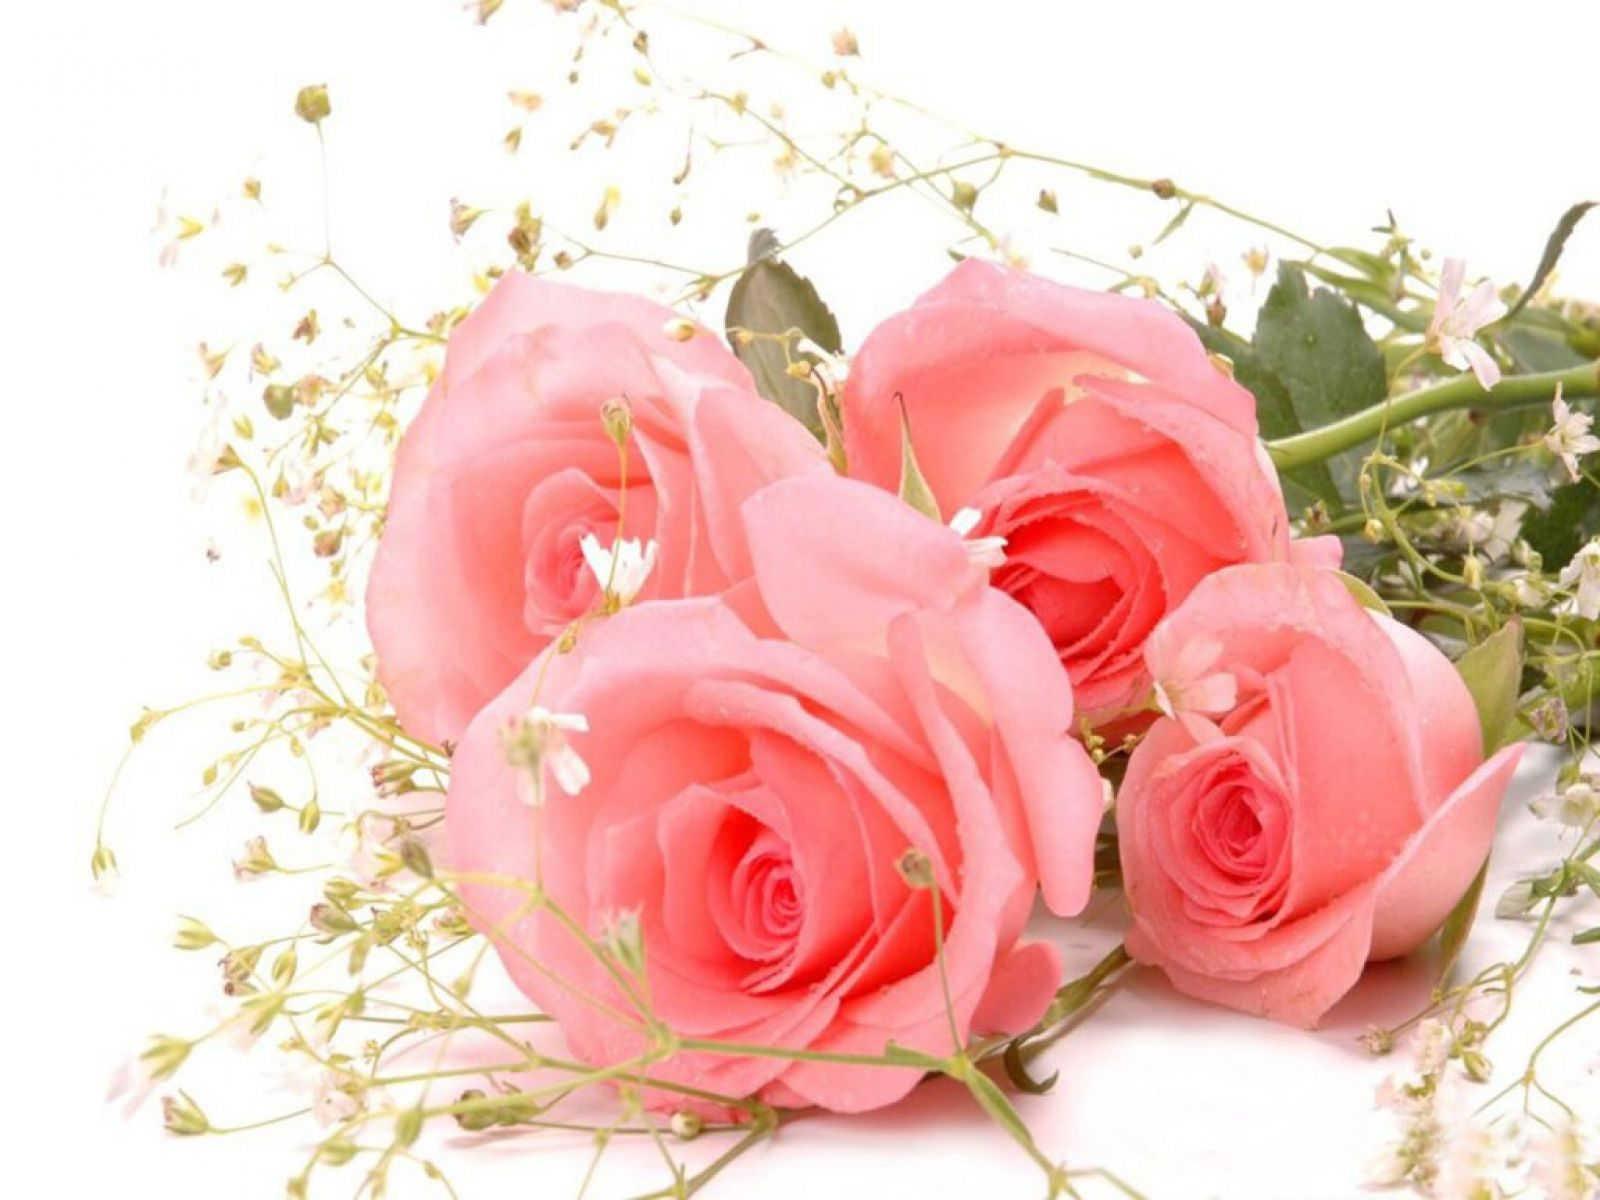 Pink Rose Flower Desktop Image